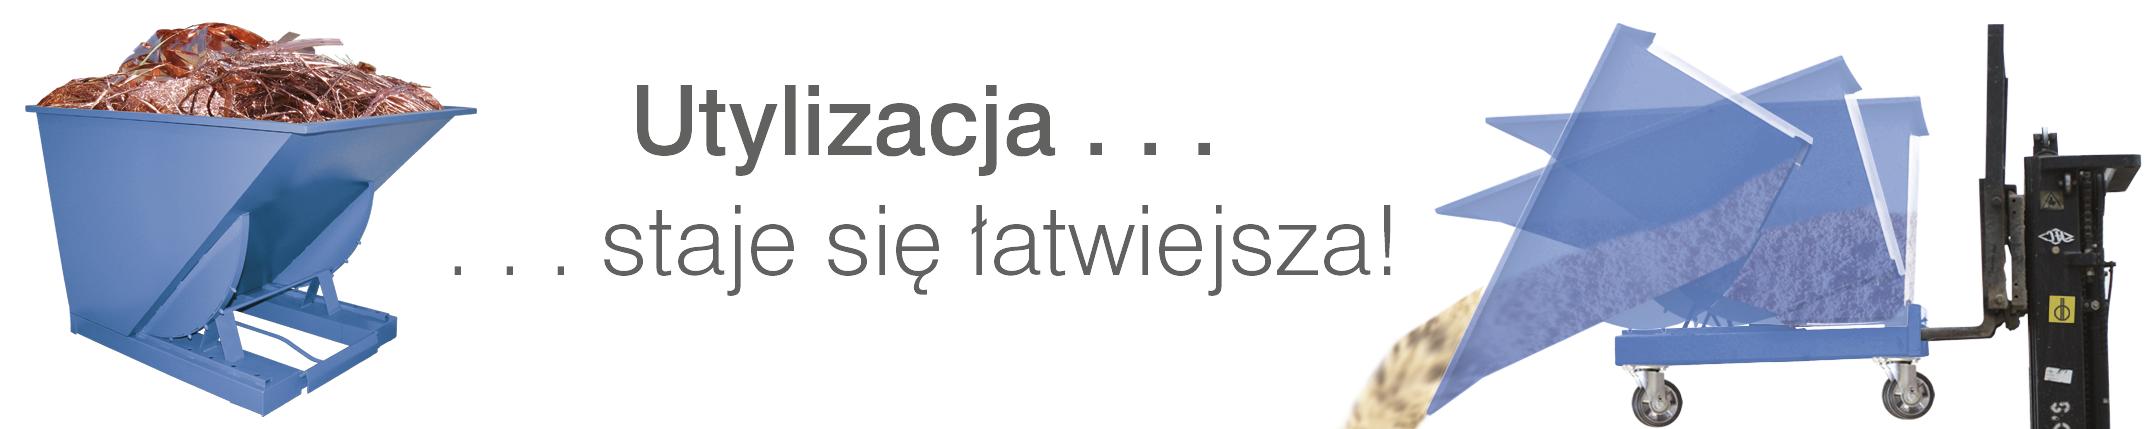 Selbstkipper-pl